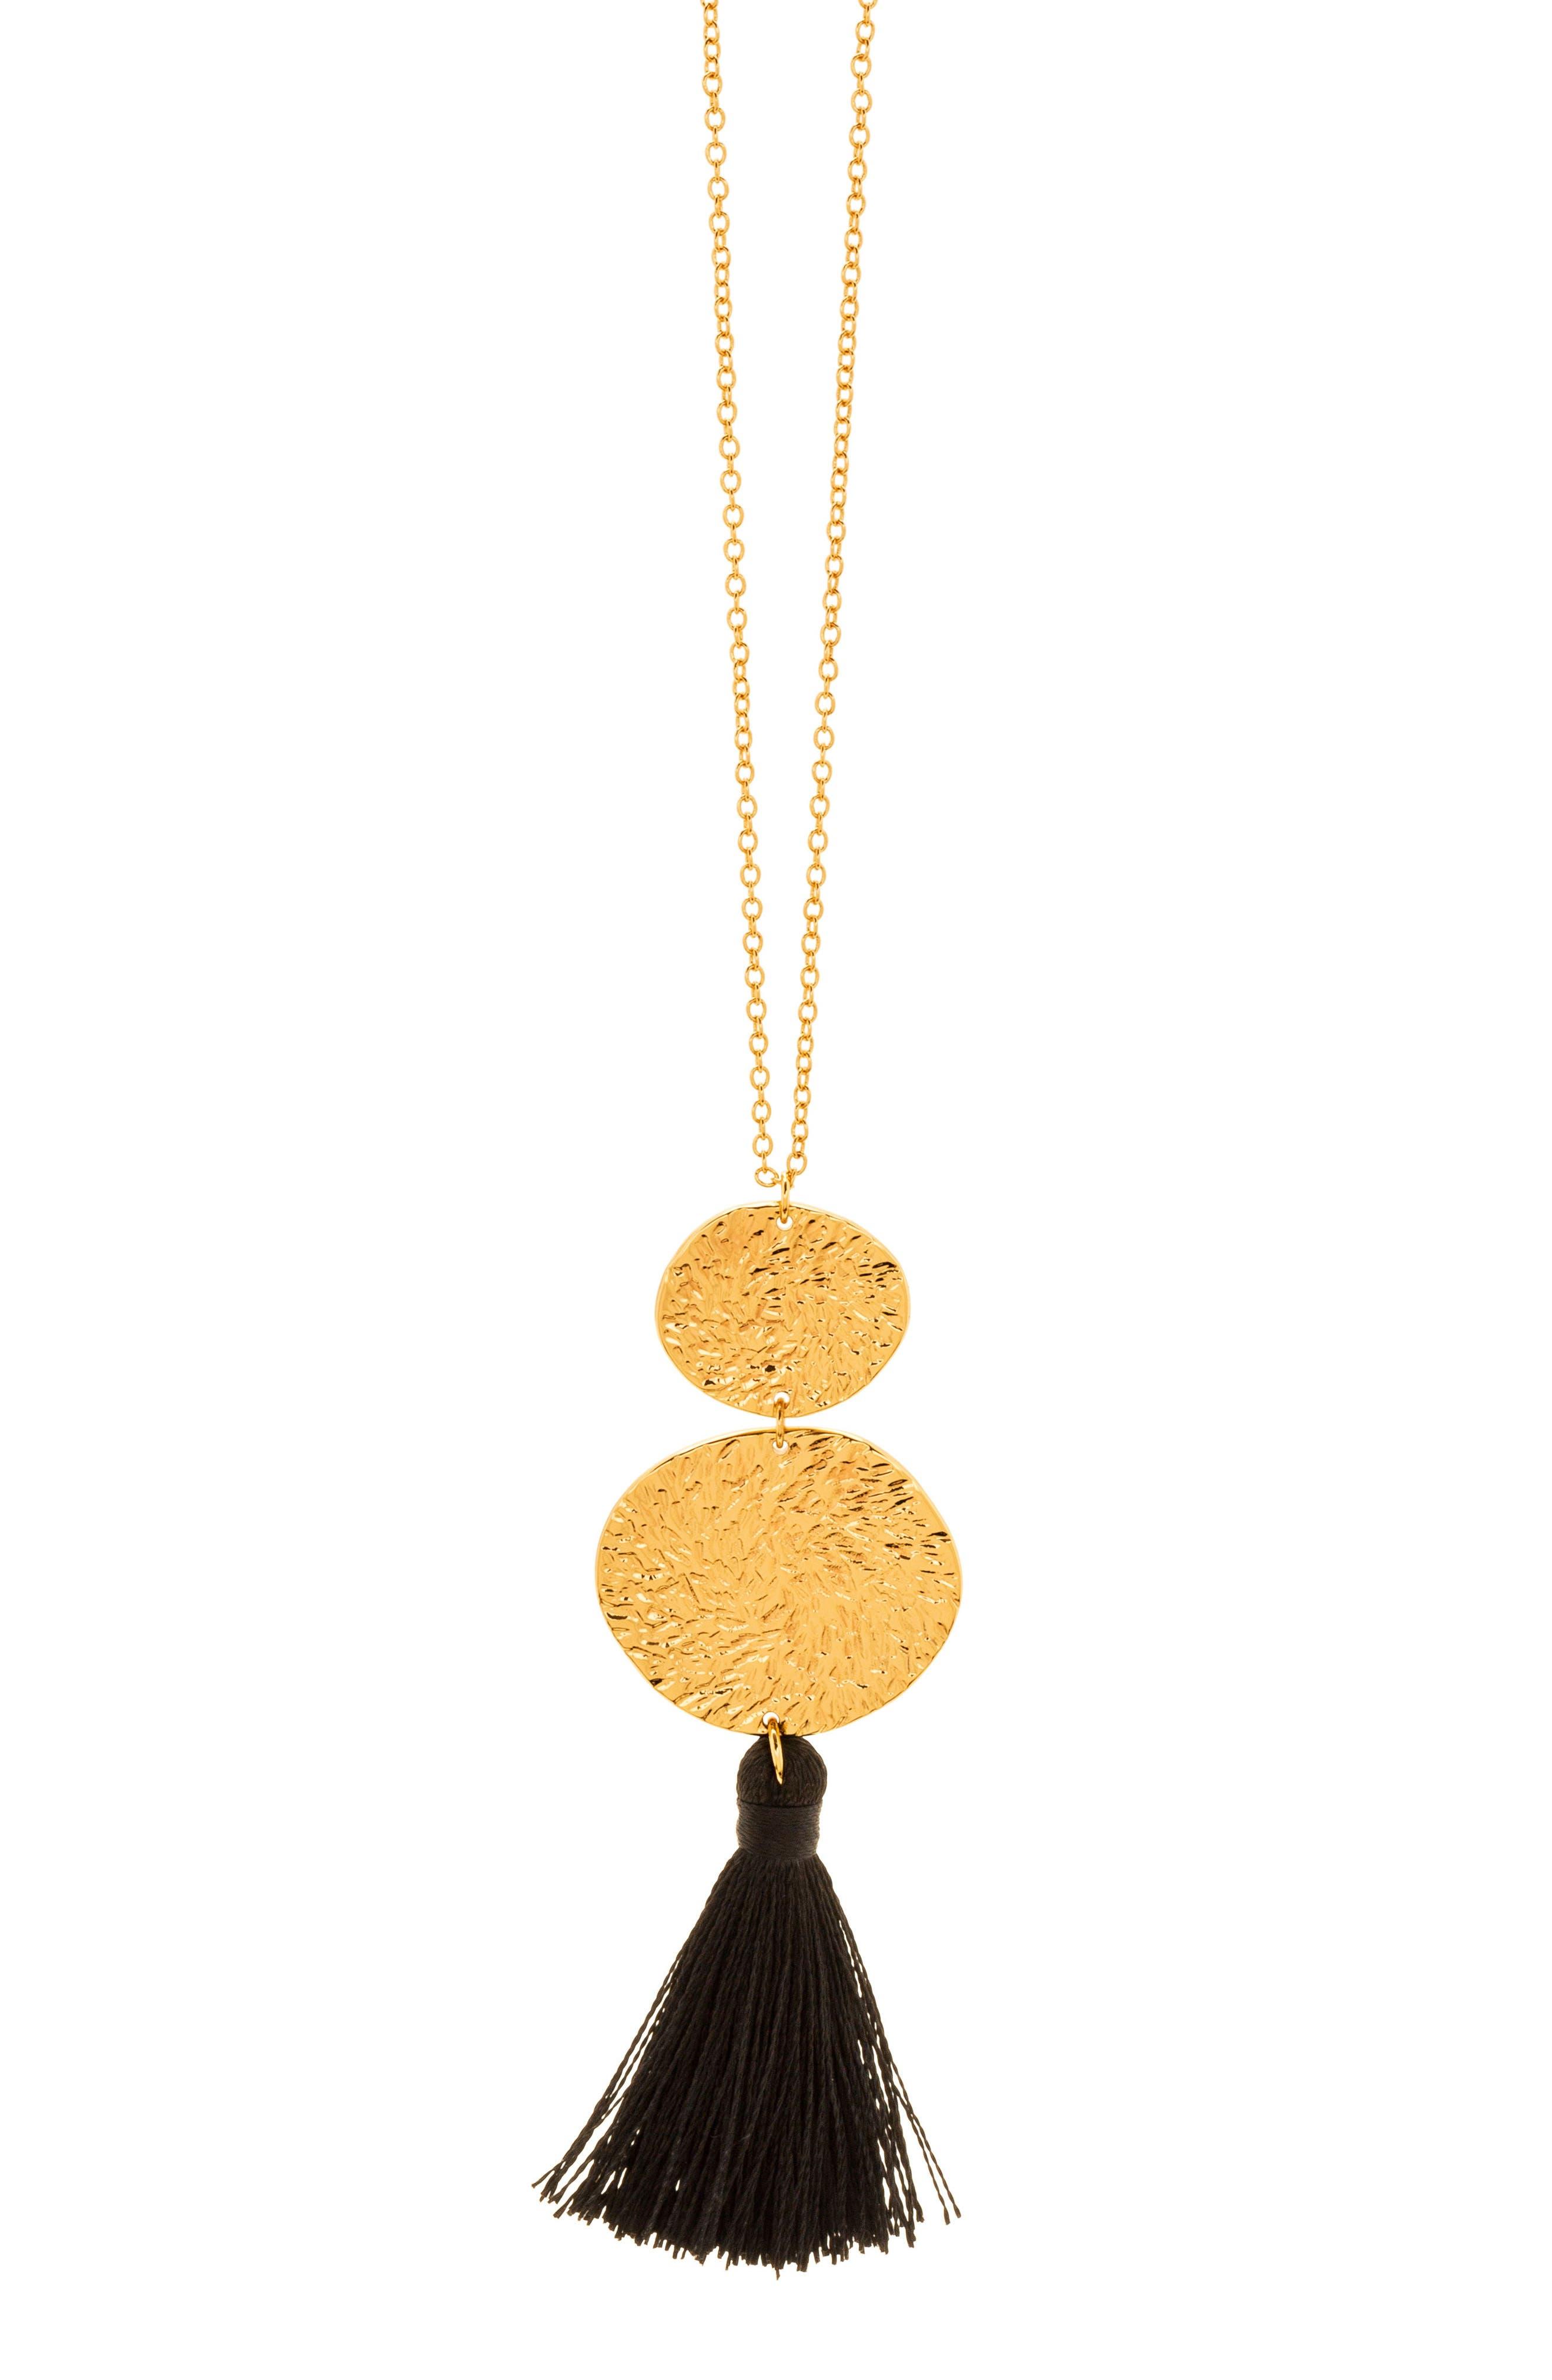 Phoenix Pendant Necklace,                             Alternate thumbnail 2, color,                             001